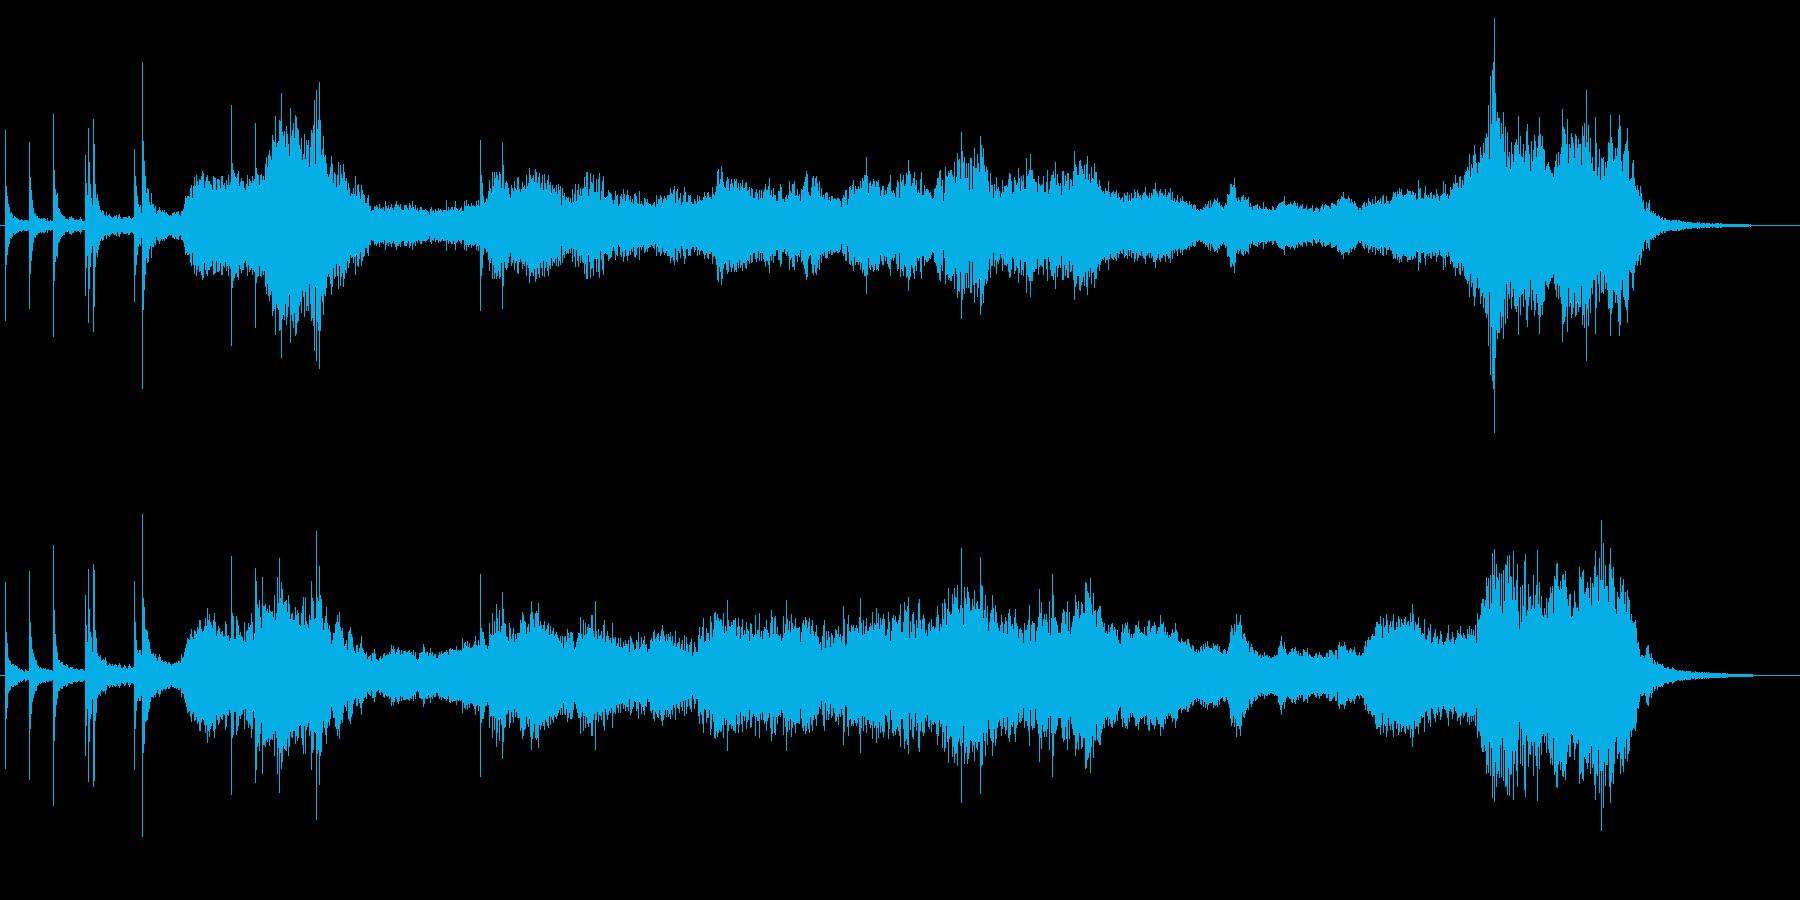 【映画風】不気味でホラーな雰囲気のBGMの再生済みの波形